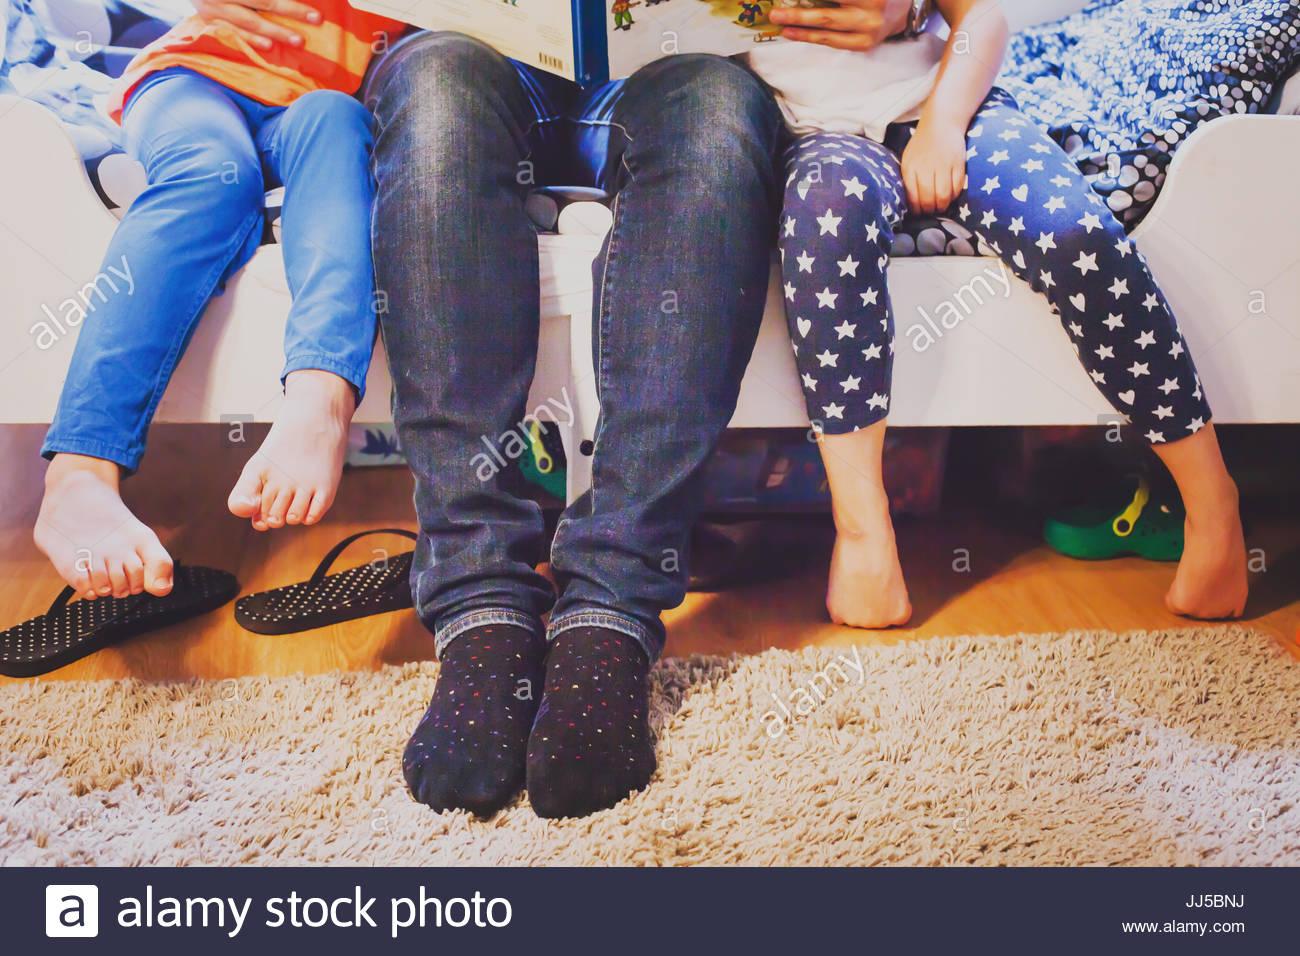 Padre en casa con dos niños sentados juntos y libro de lectura, las piernas de la familia Imagen De Stock